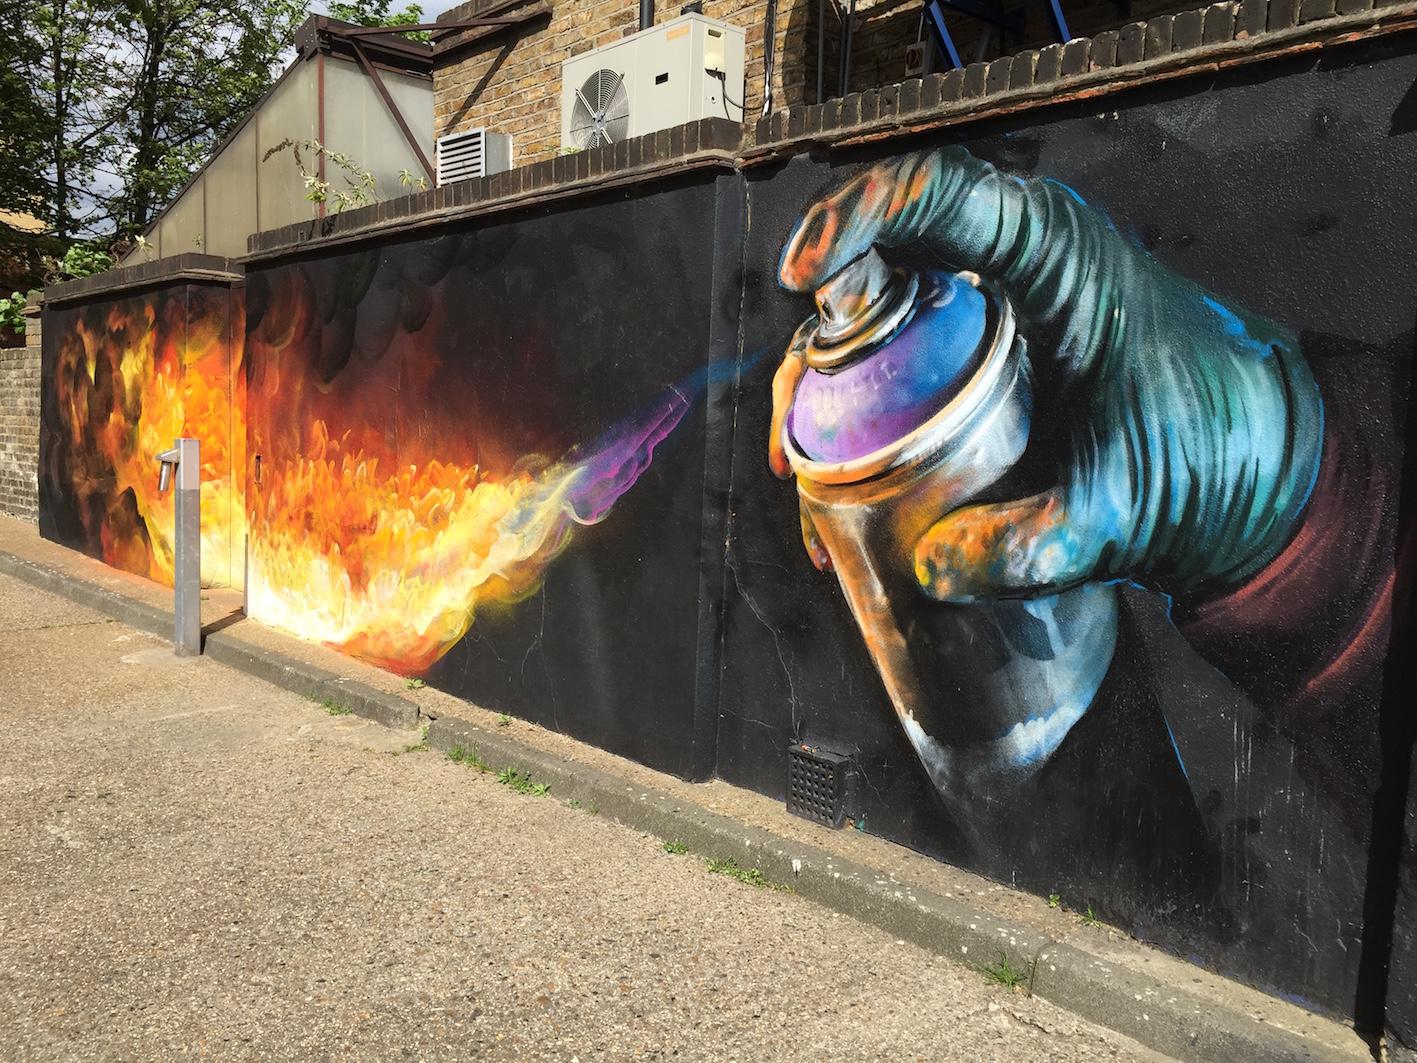 spray can grafitti on wall